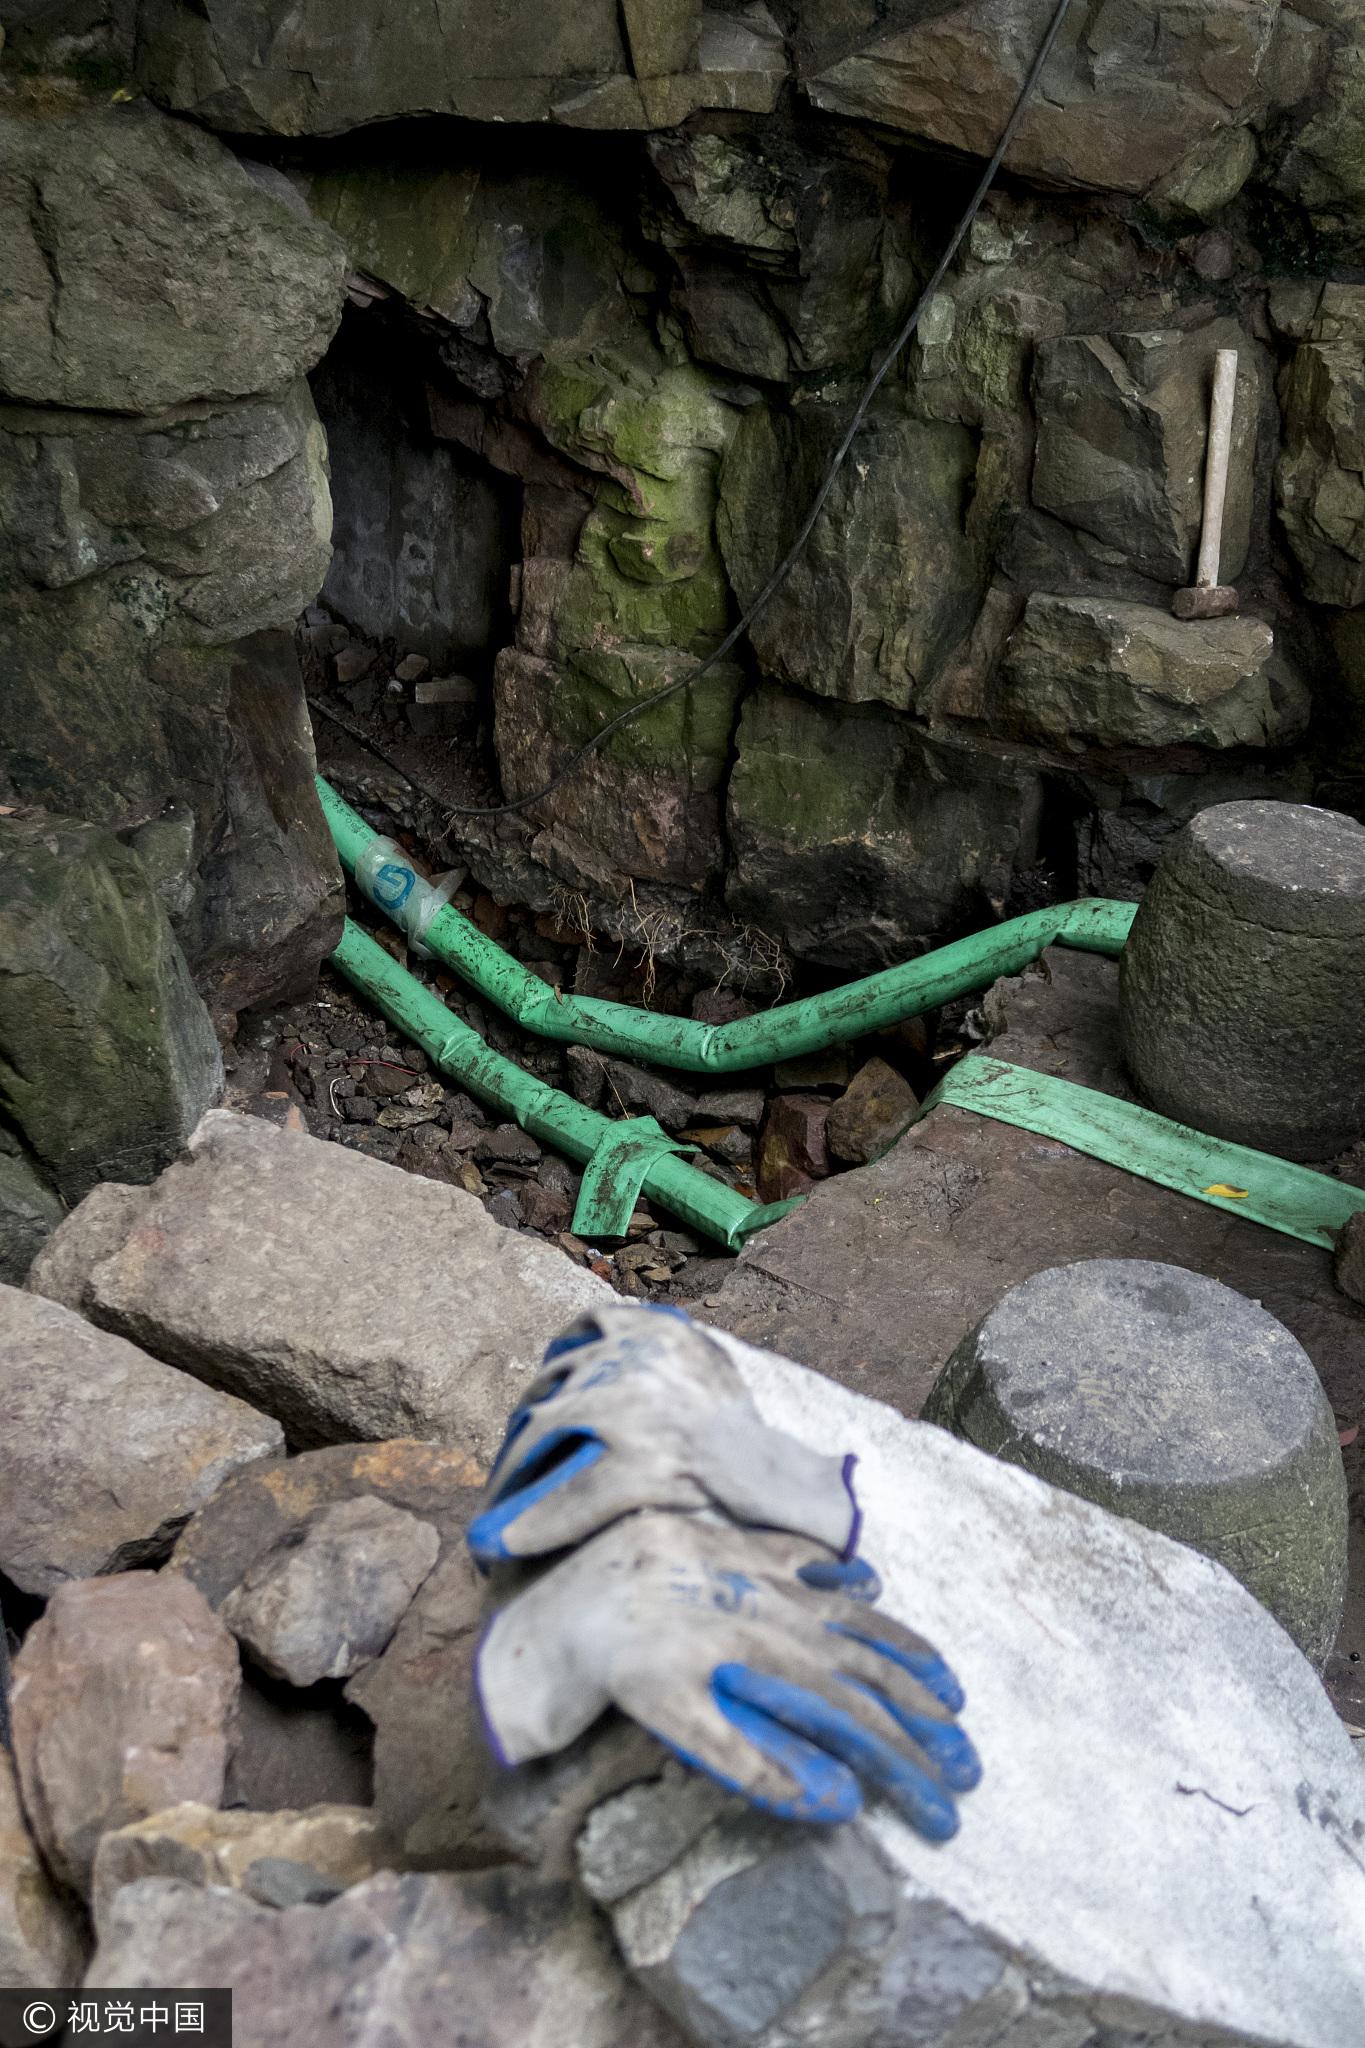 上海一公园假山下挖出1600平米防空洞 - 周公乐 - xinhua8848 的博客